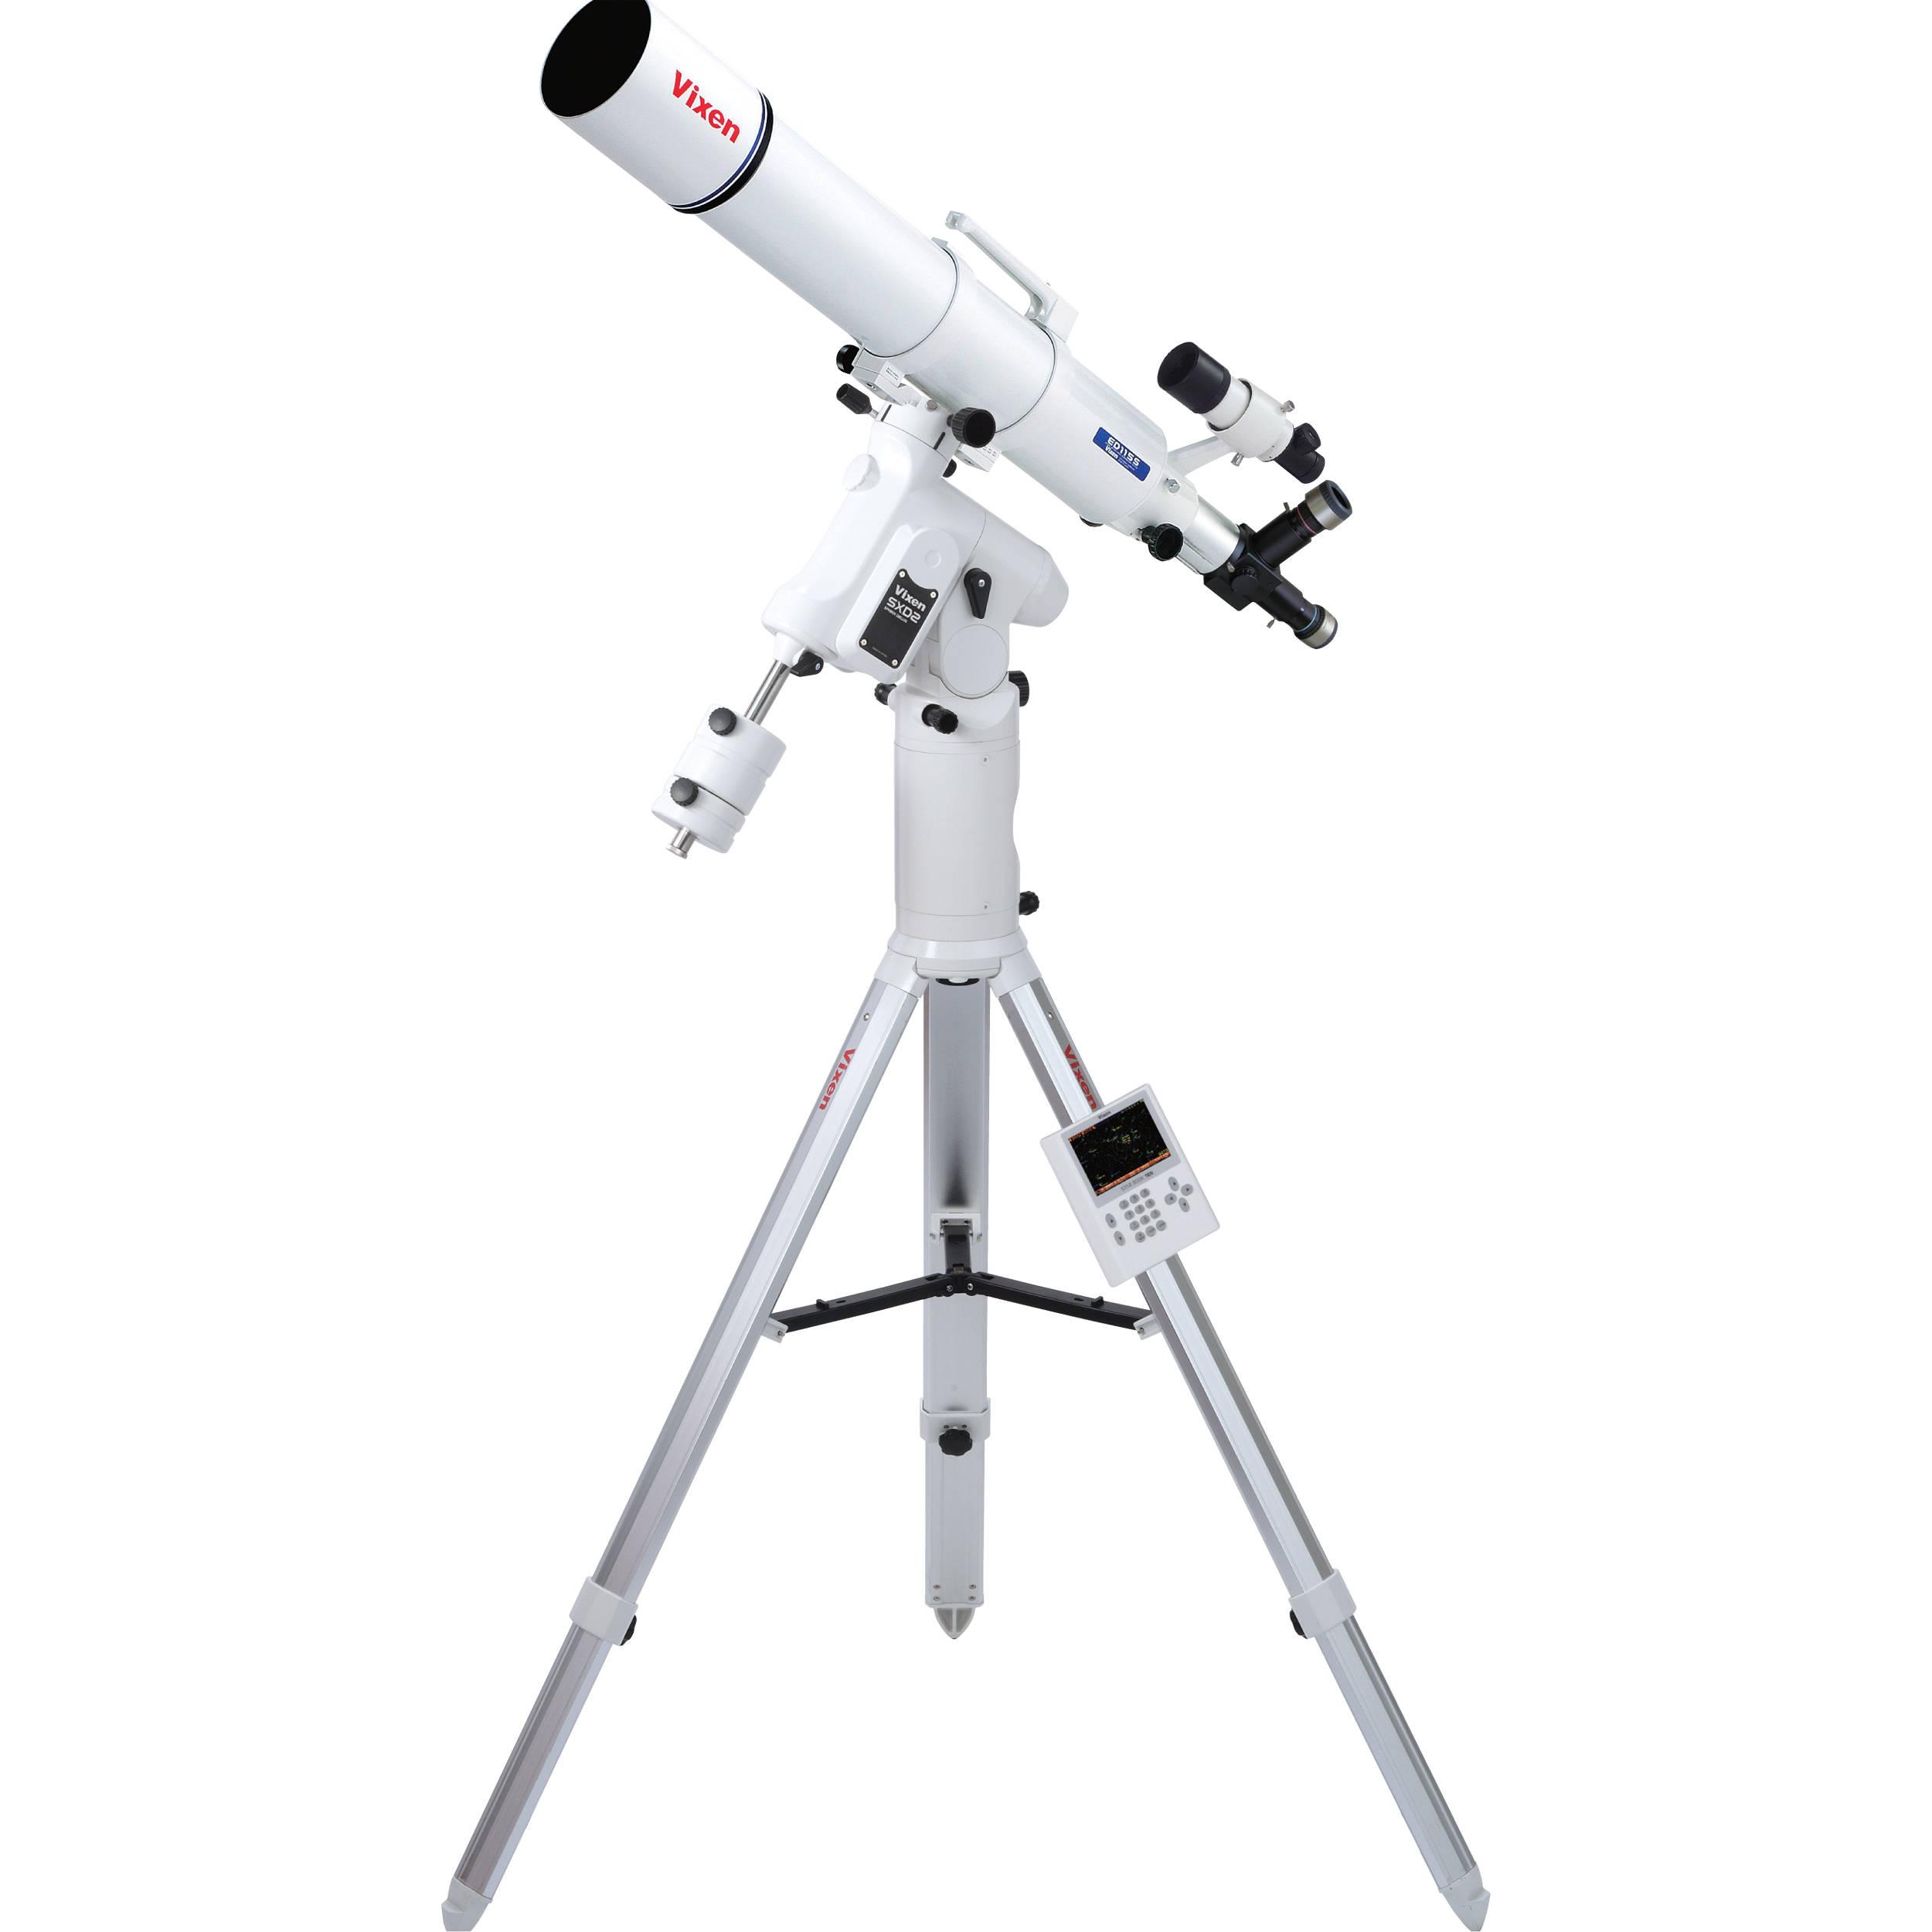 Vixen Optics Ed115s Refractor Telescope With Sxd2 Eq